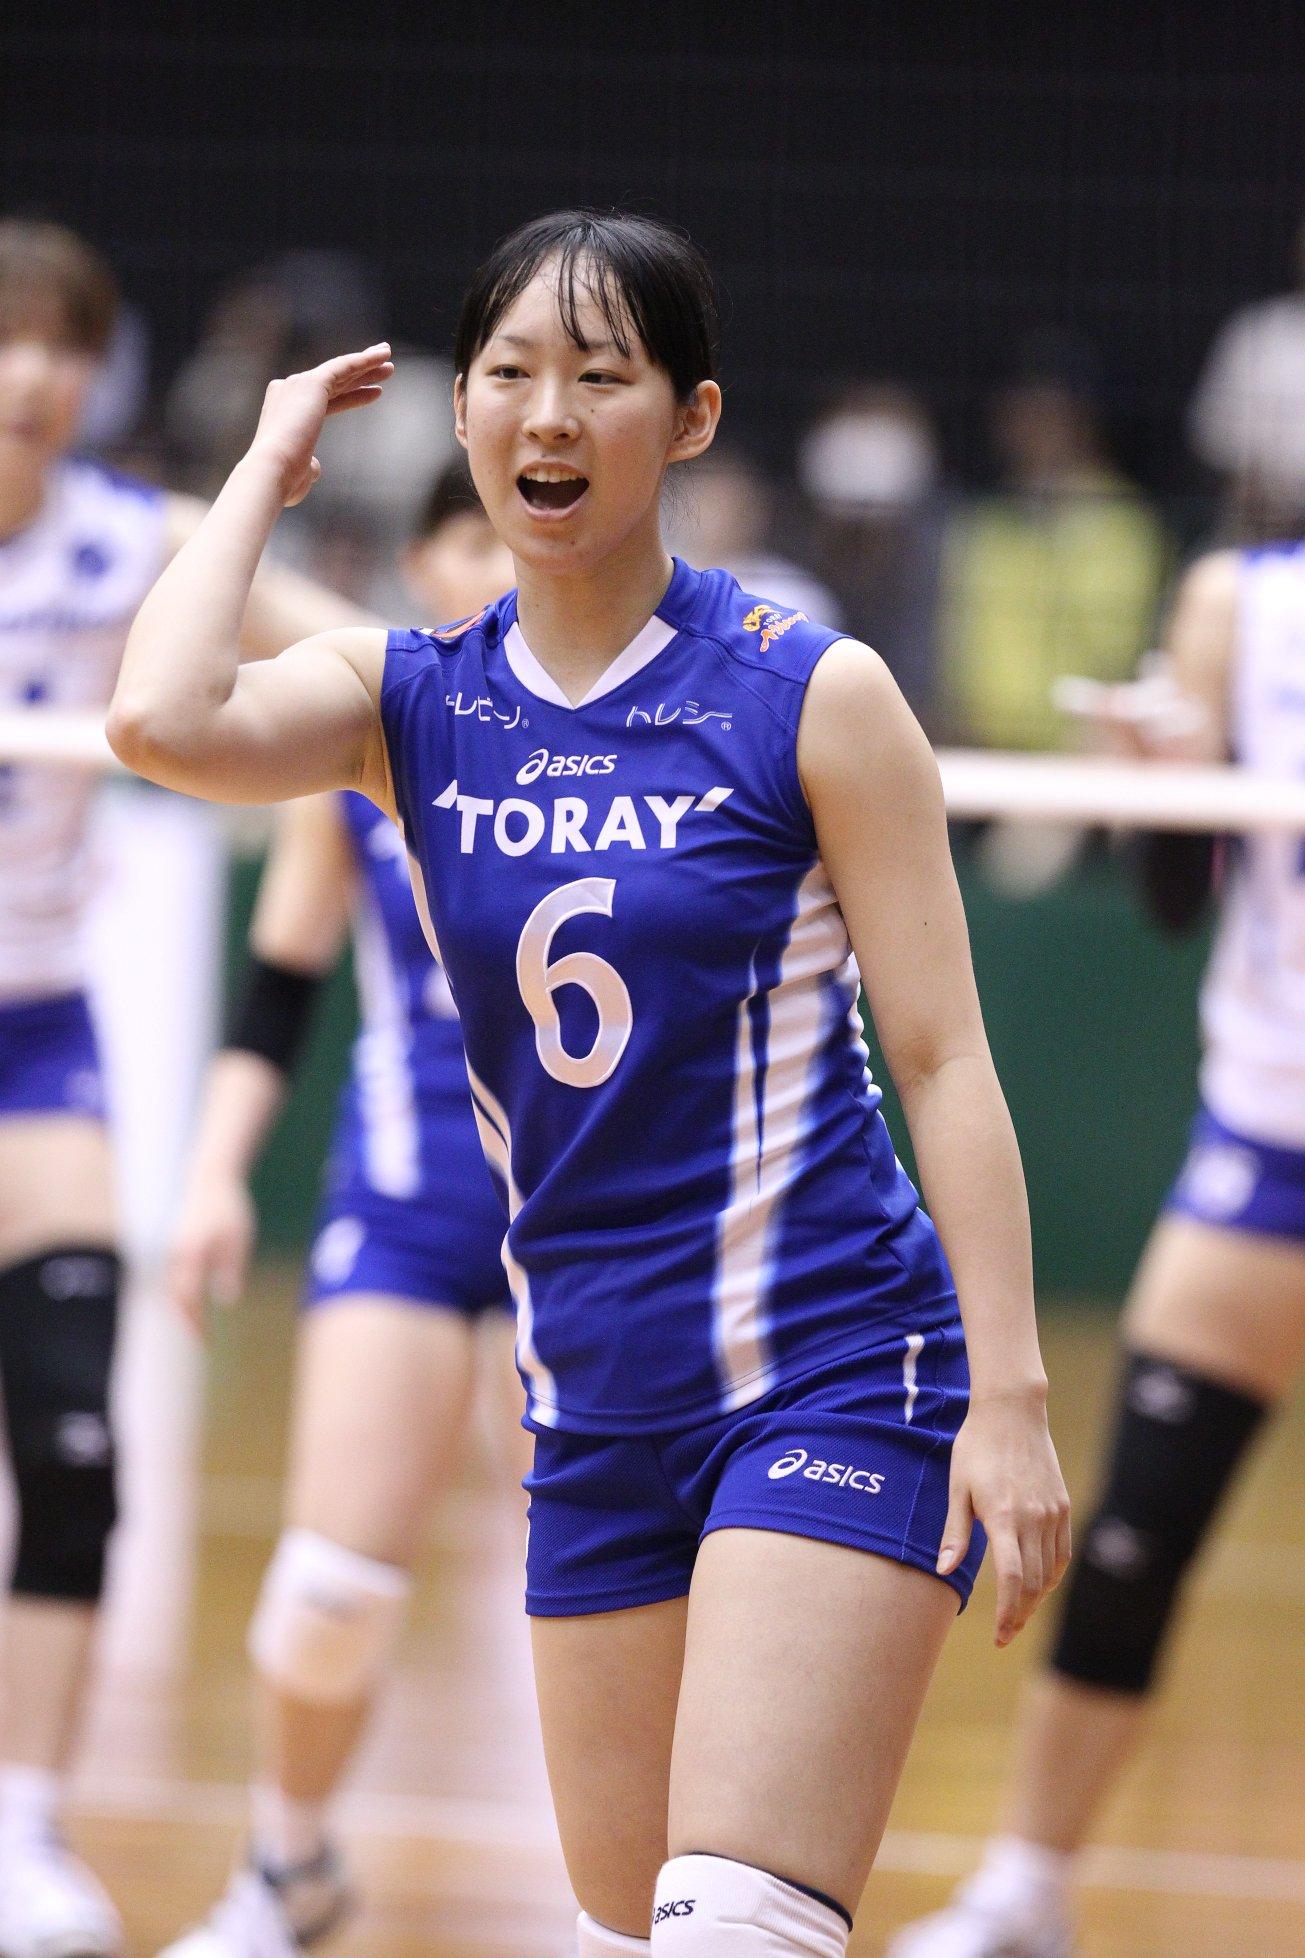 バレー・高田ありさのかわいい画像8